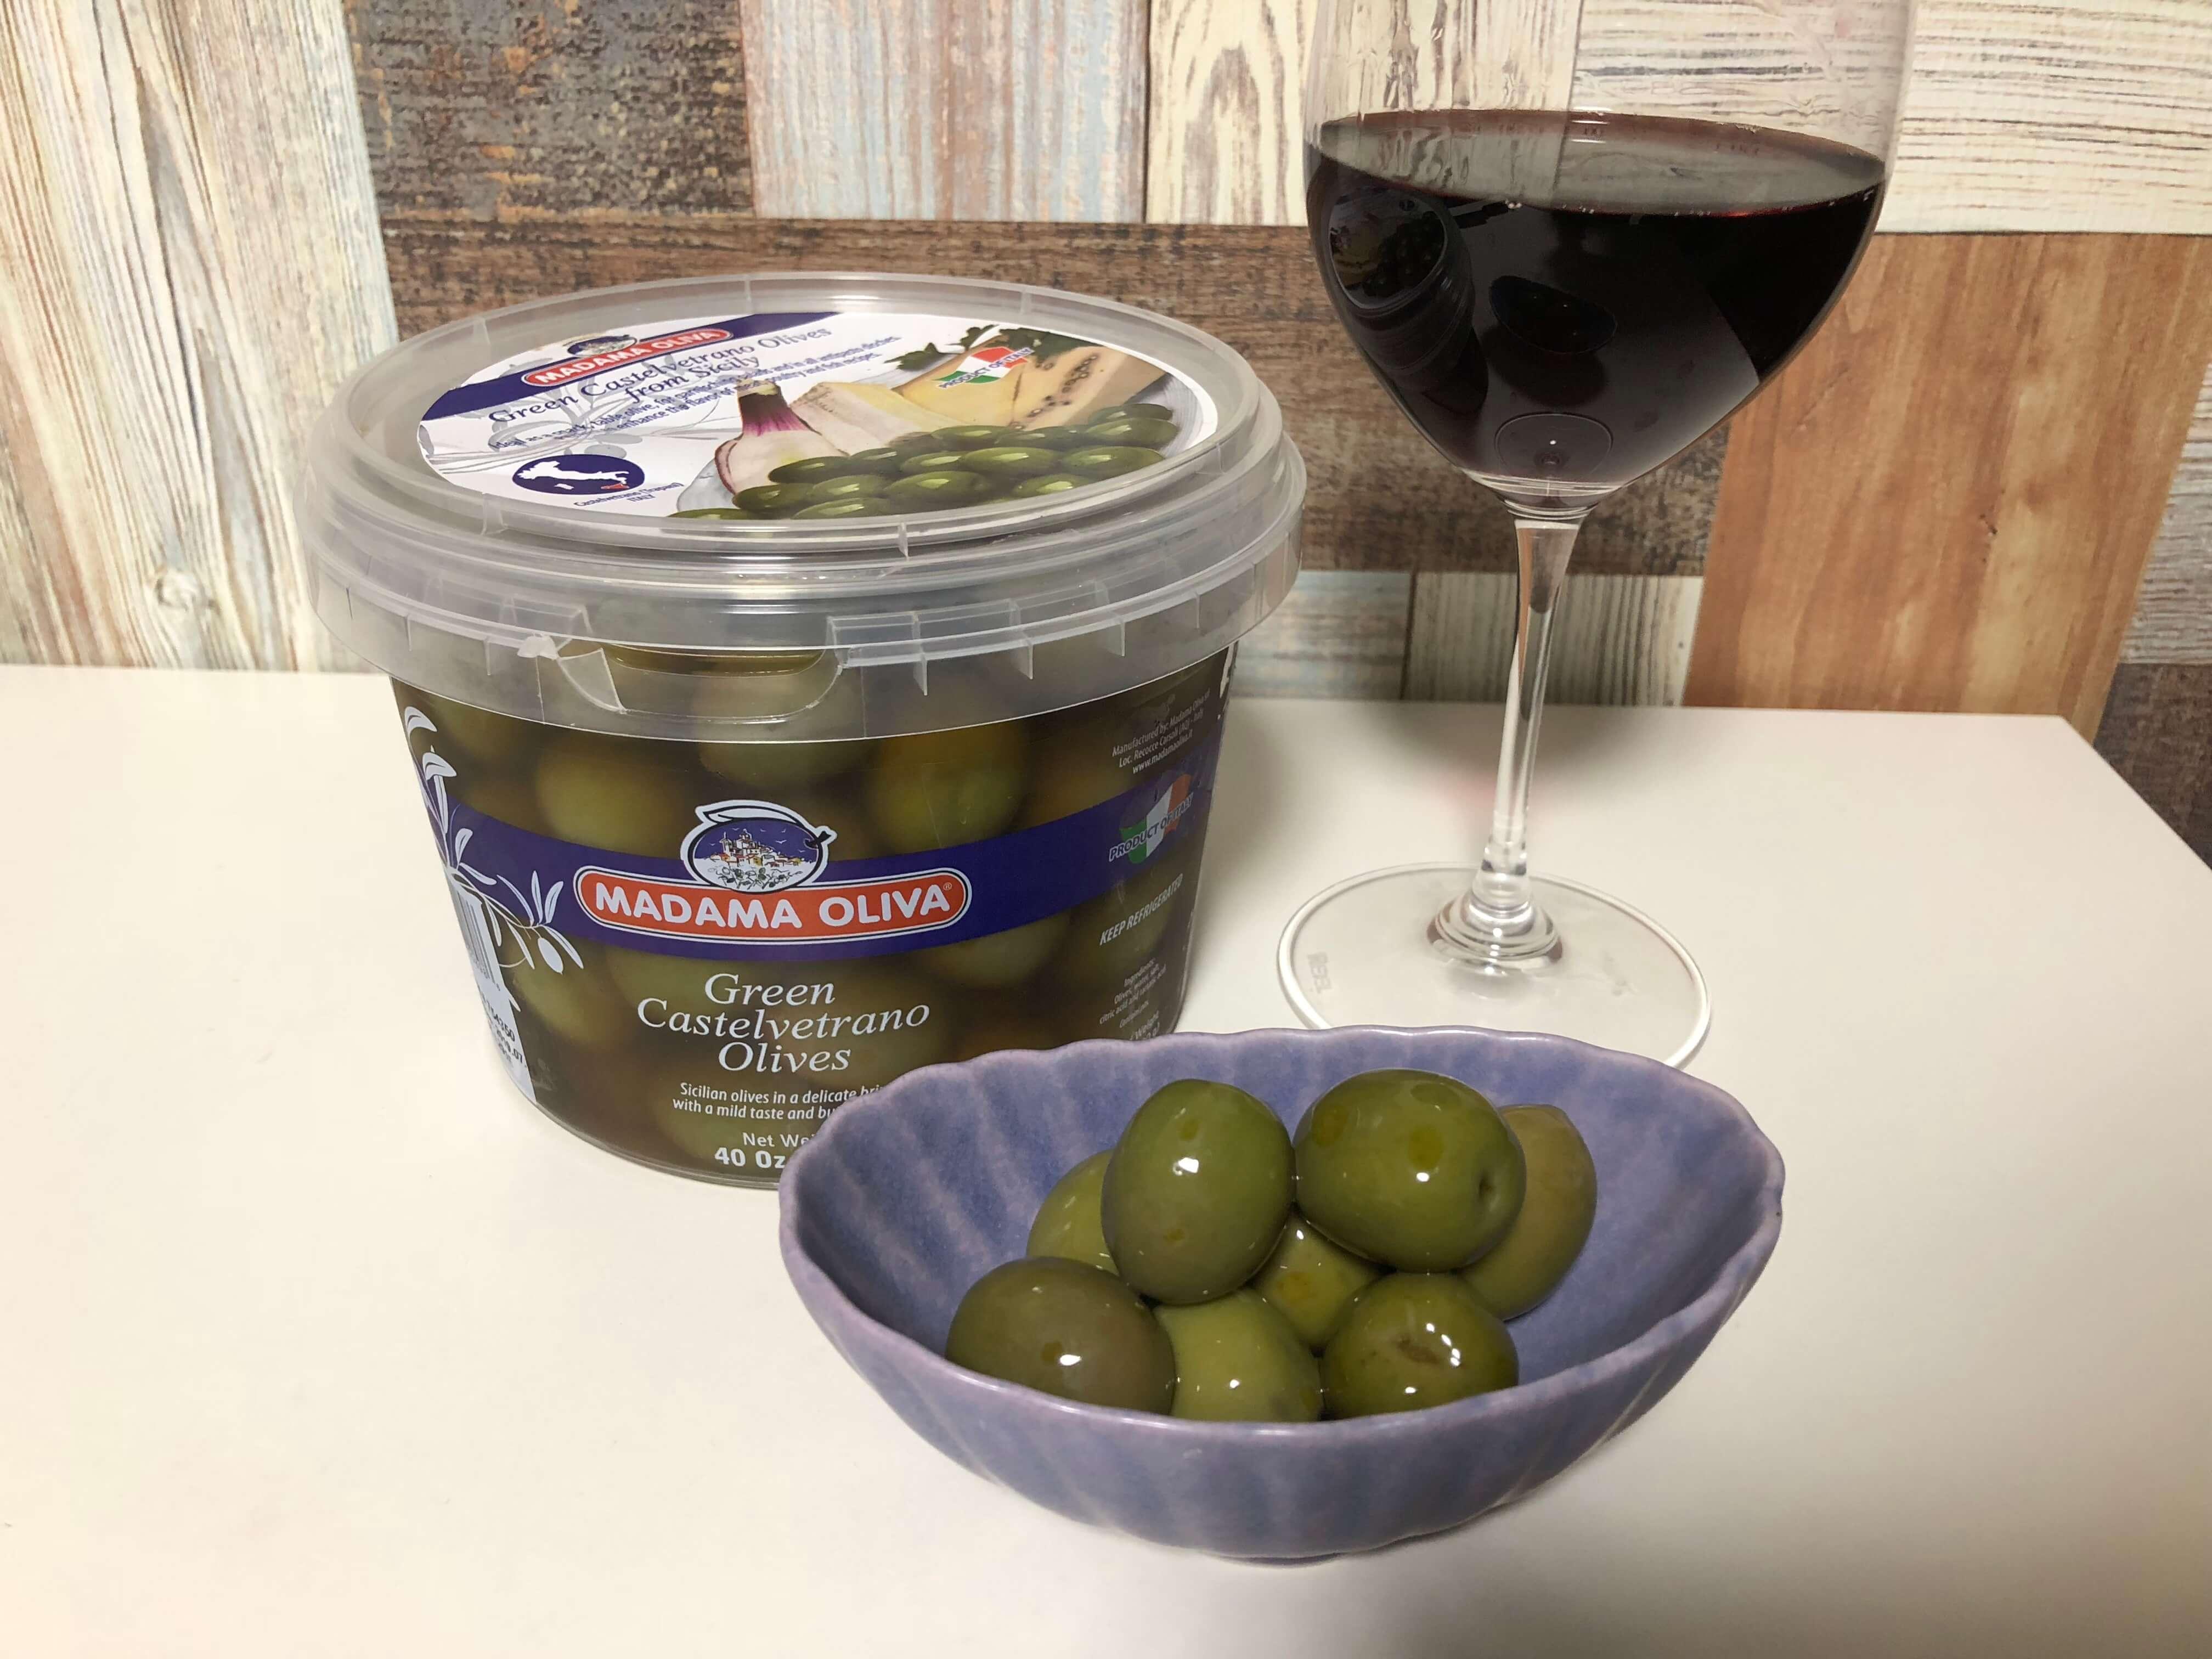 コストコのイタリア産グリーンオリーブ「MADAME OLIVA」が超おすすめ